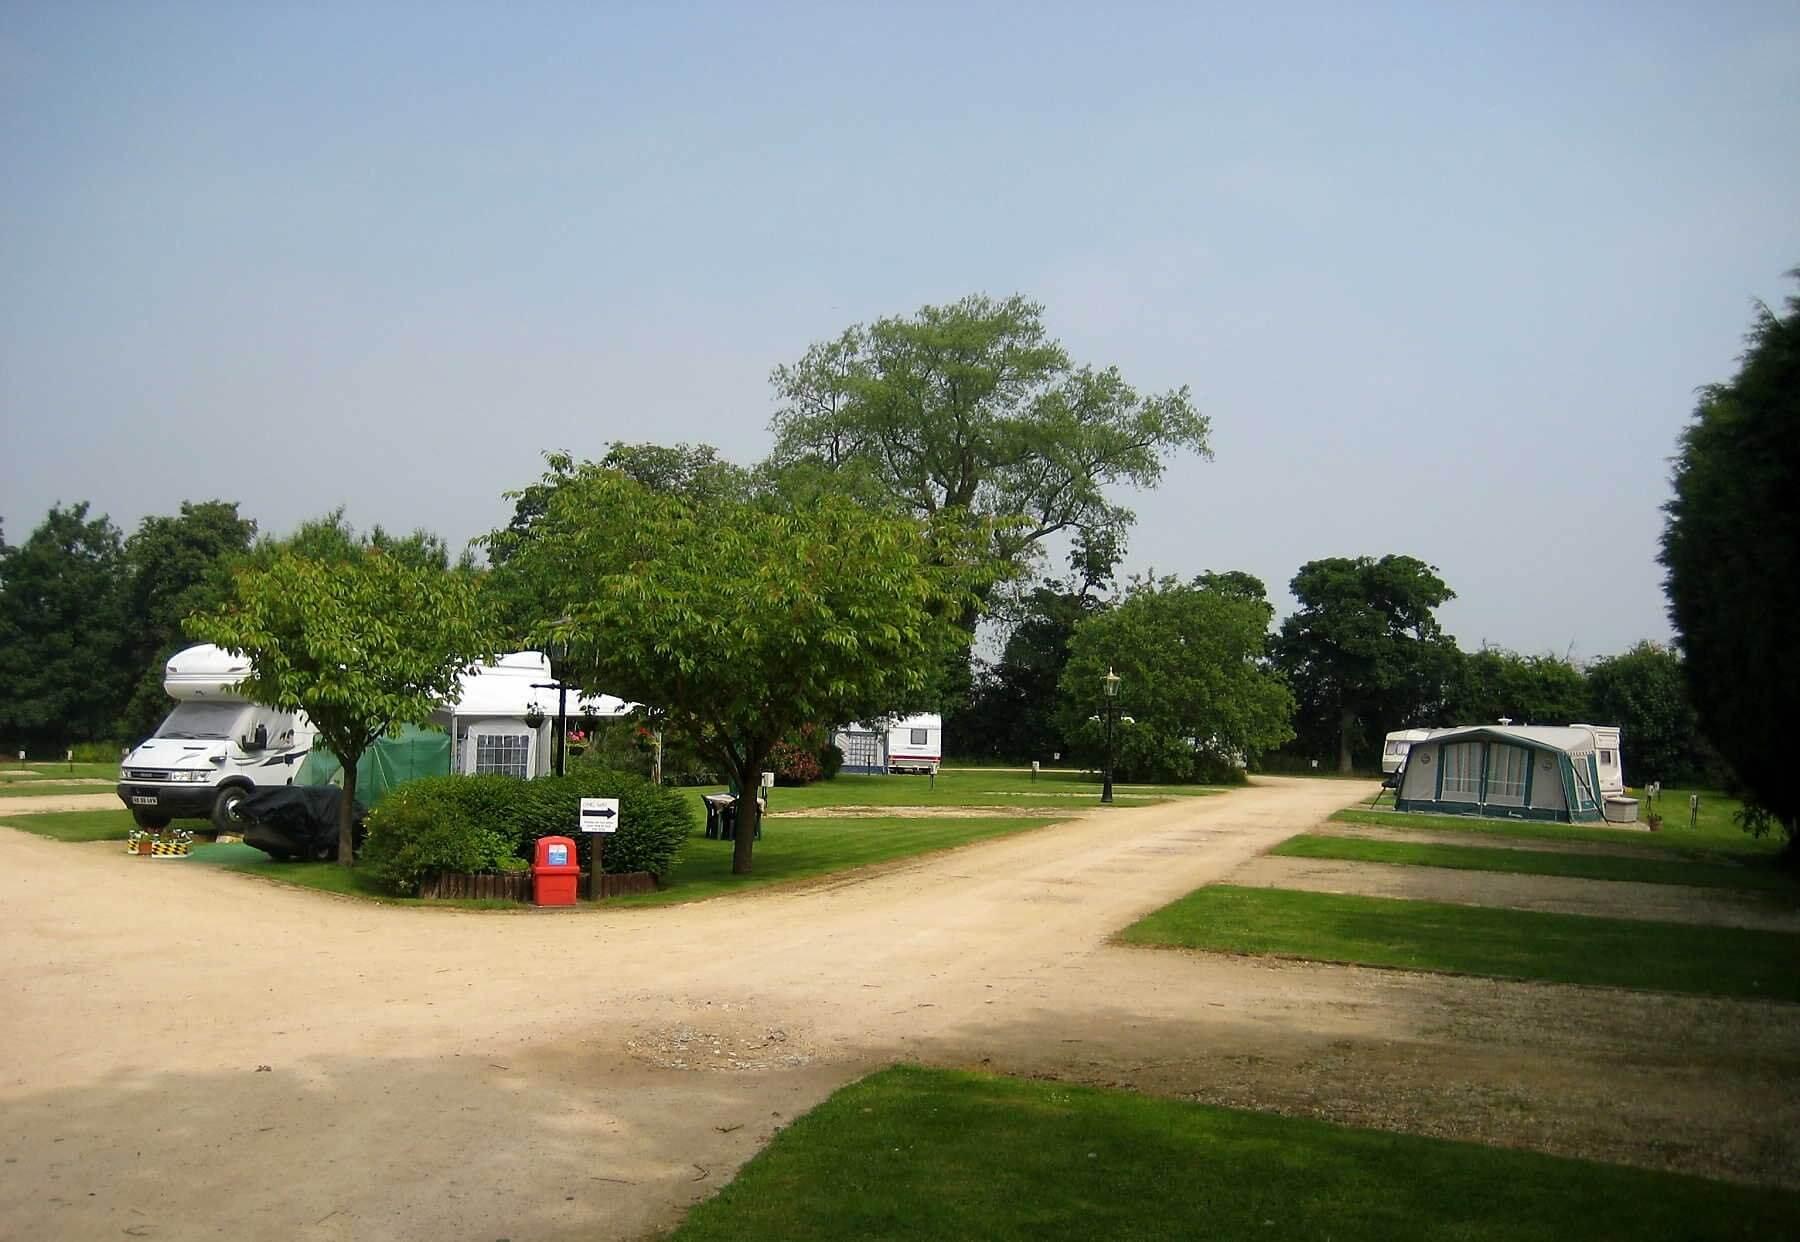 Ranksborough Hall Caravan & Camping